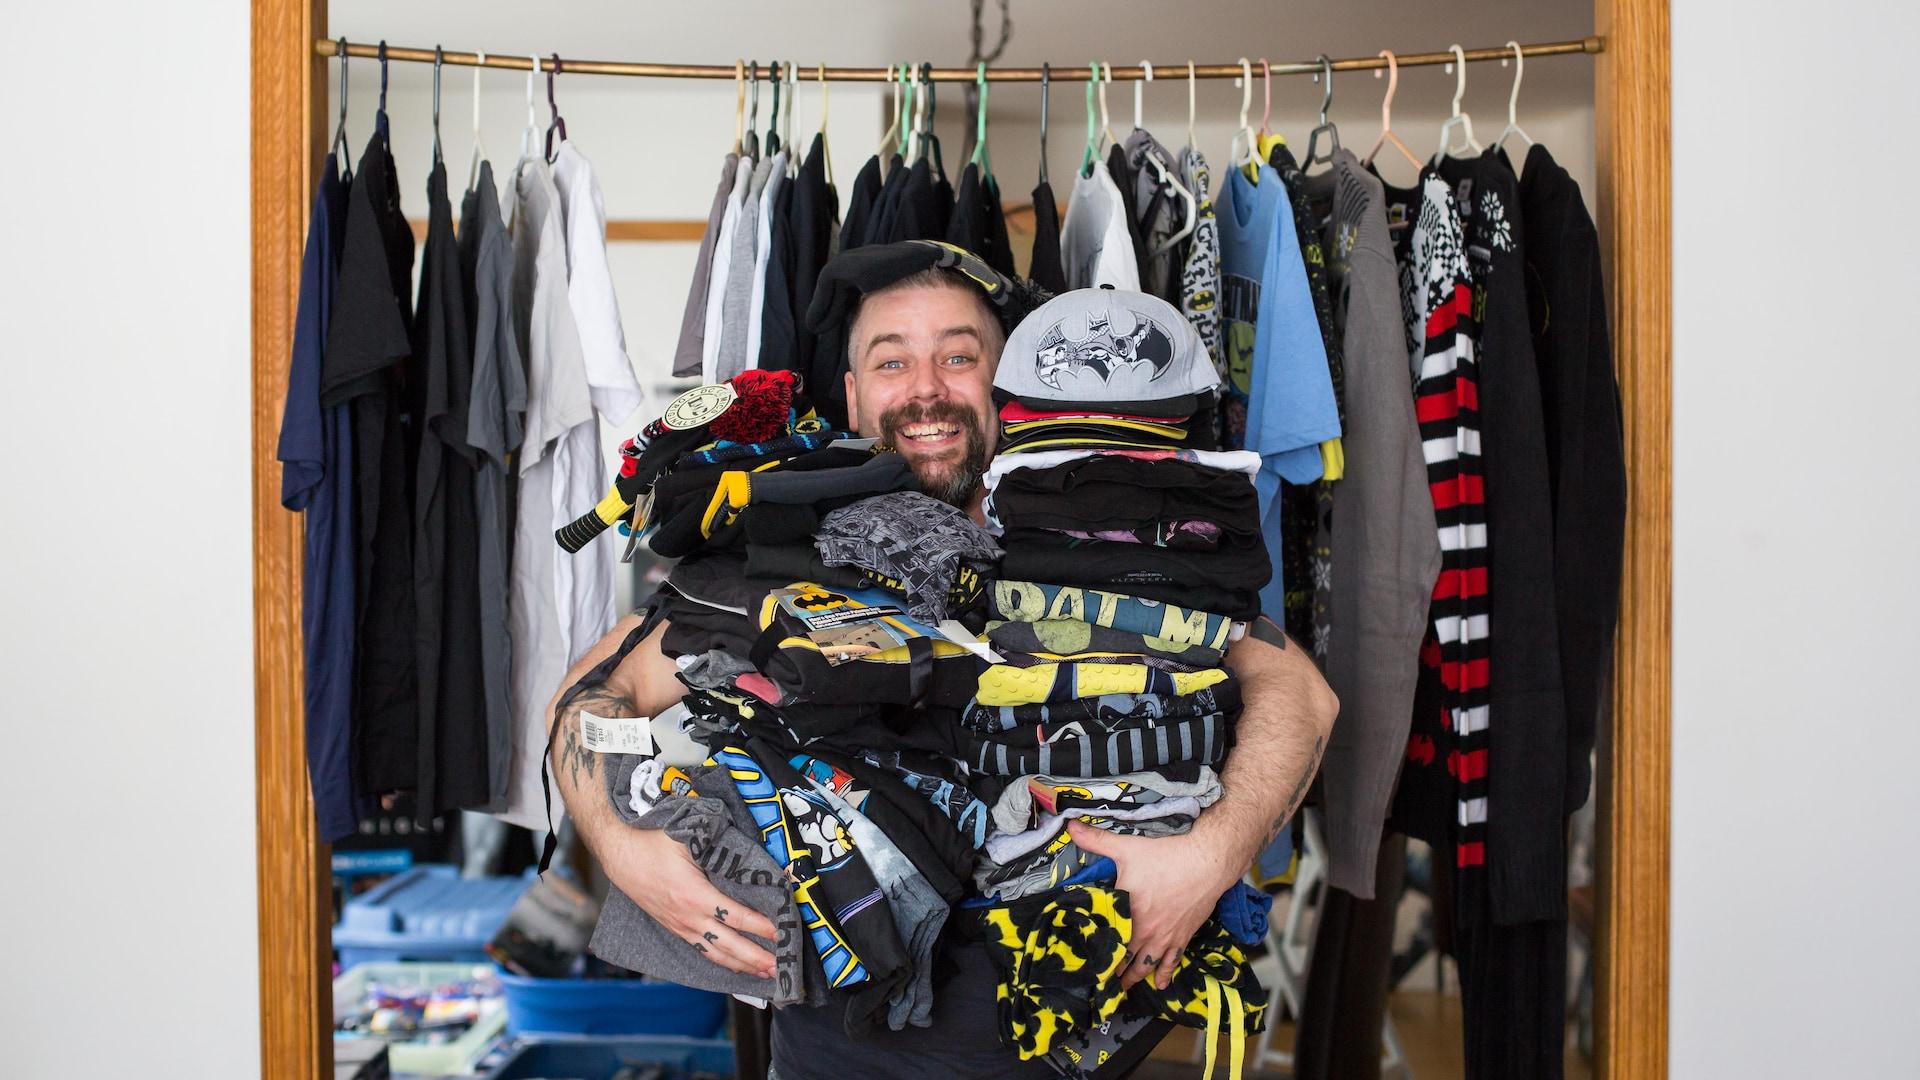 Le collectionneur sourit et tient des piles de chandails, pantalons et casquettes.